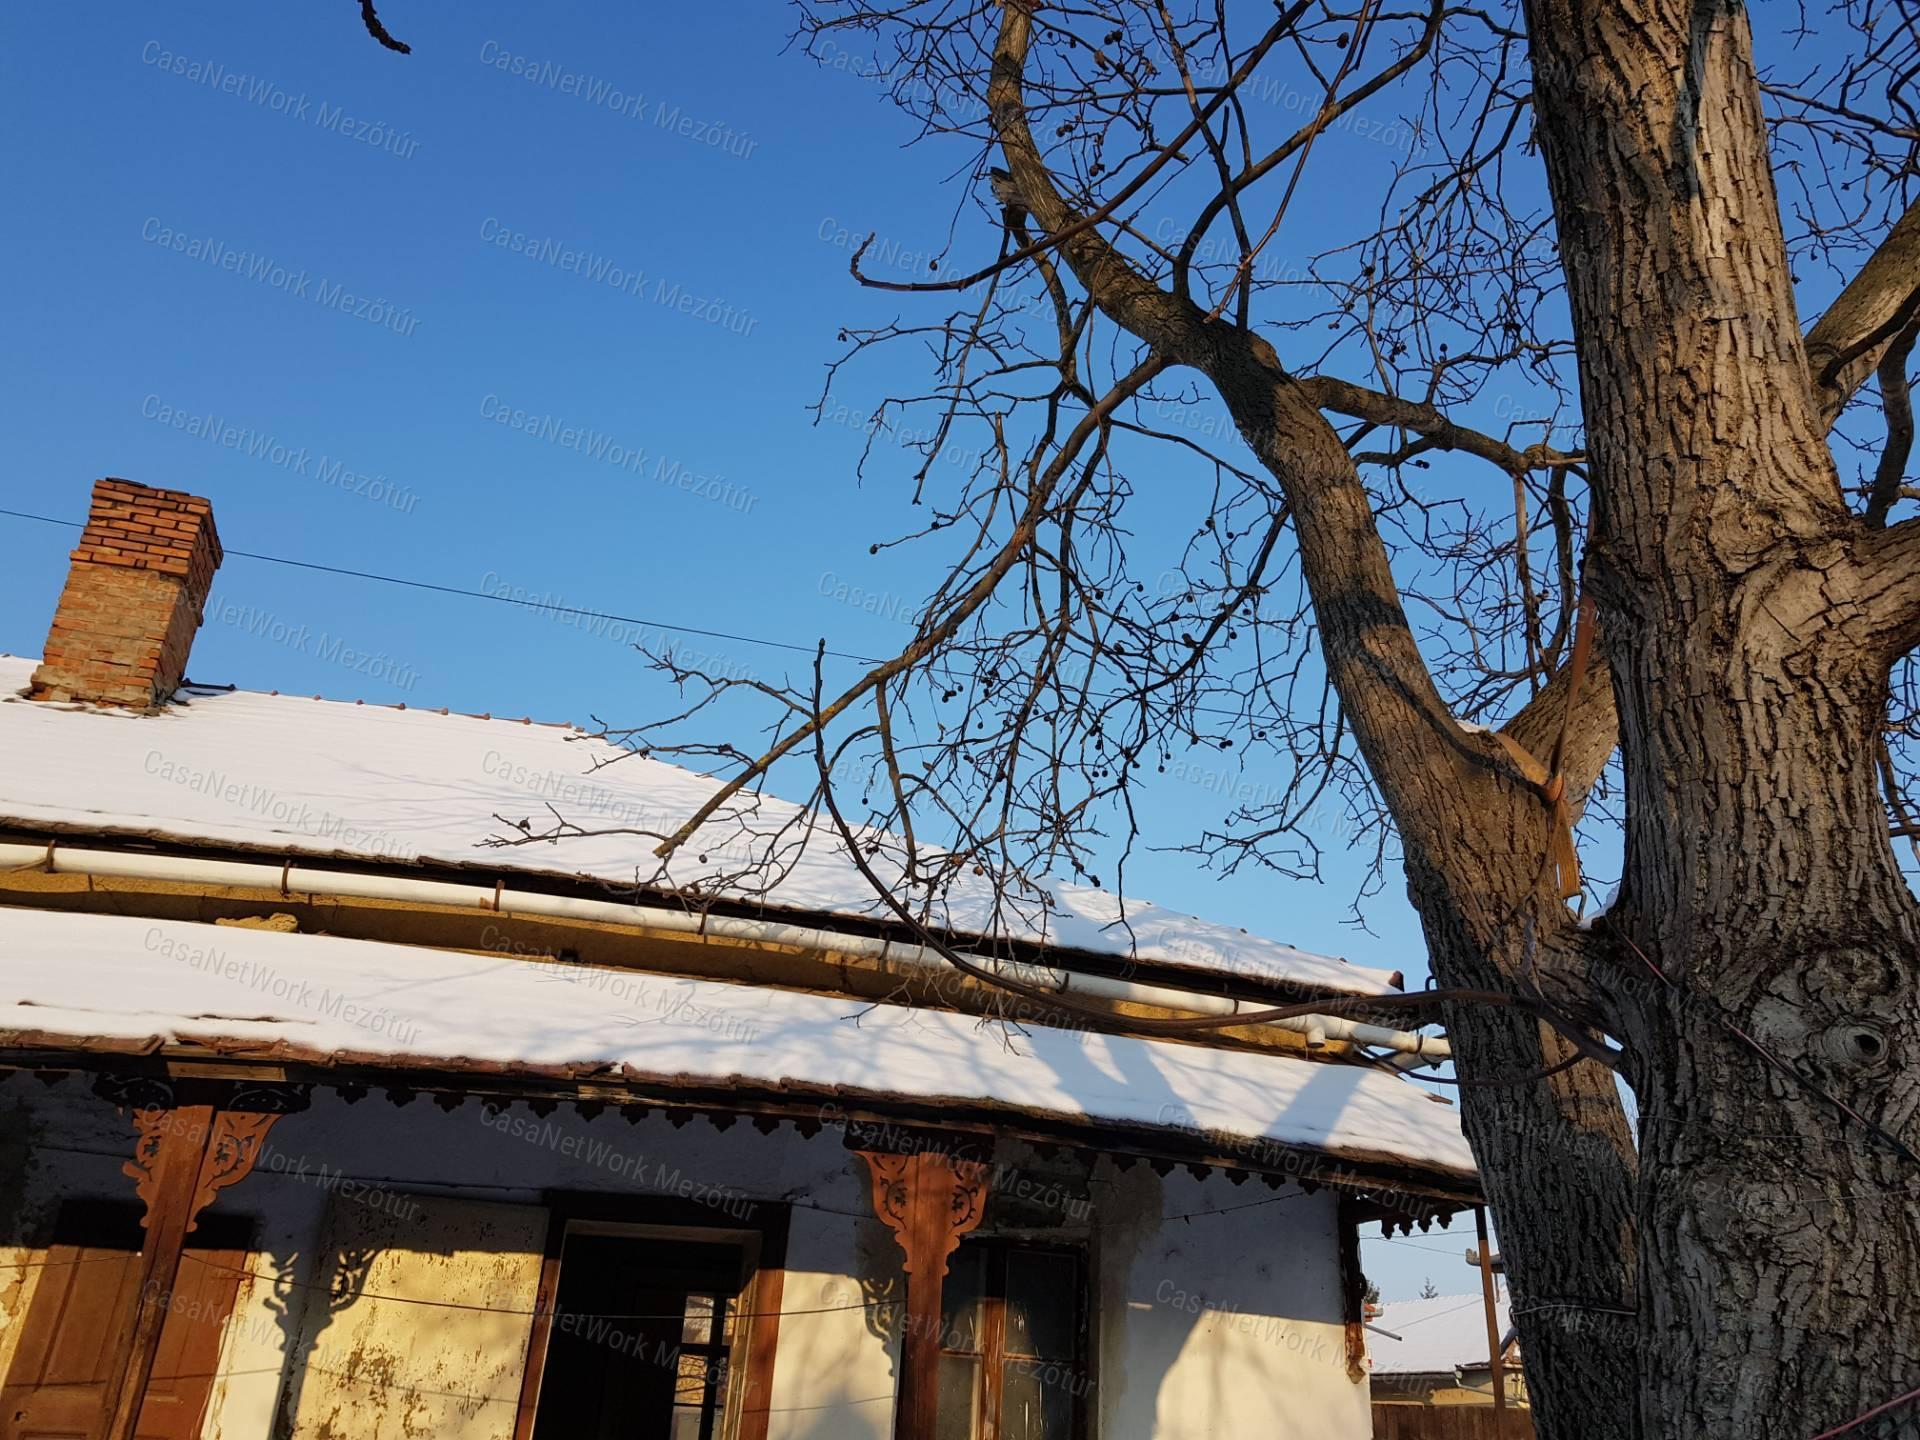 Eladó családi ház, Jász-Nagykun-Szolnok megye, Mezőtúr (Belváros) - sz.: 171500132 - CasaNetWork.hu